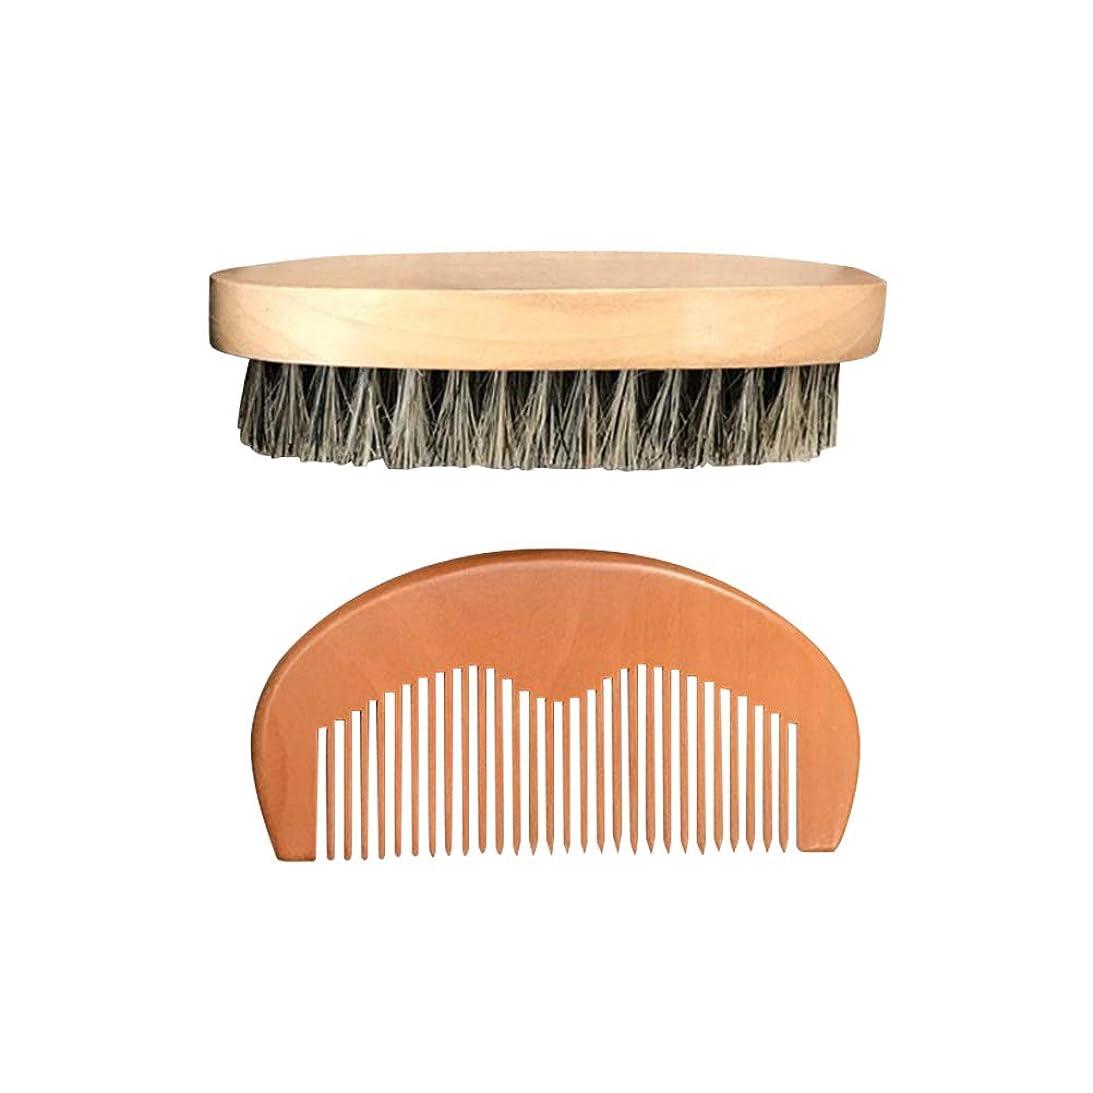 思い出させるそれに応じて順応性のあるHEALIFTY 剛毛ひげ櫛ひげブラシサロンブラシスタイリング理髪櫛ツール2個